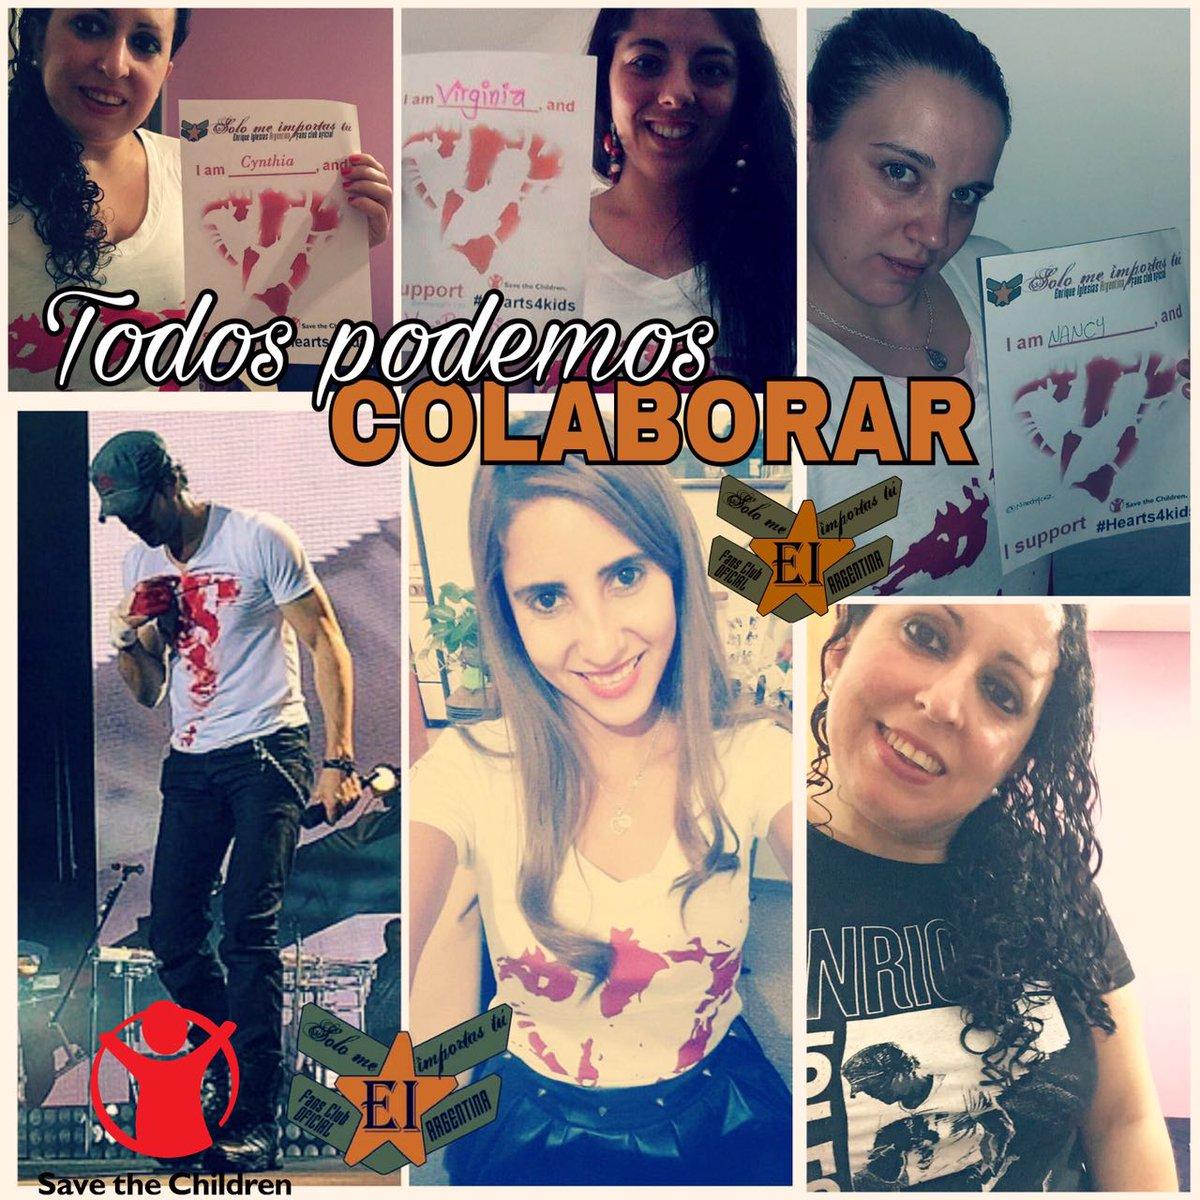 @enriqueiglesias te amo!! super orgullosa de ser tu fan y colaborar con  @SavetheChildren con las chicas de @smeimportastu 😍🌈🇦🇷